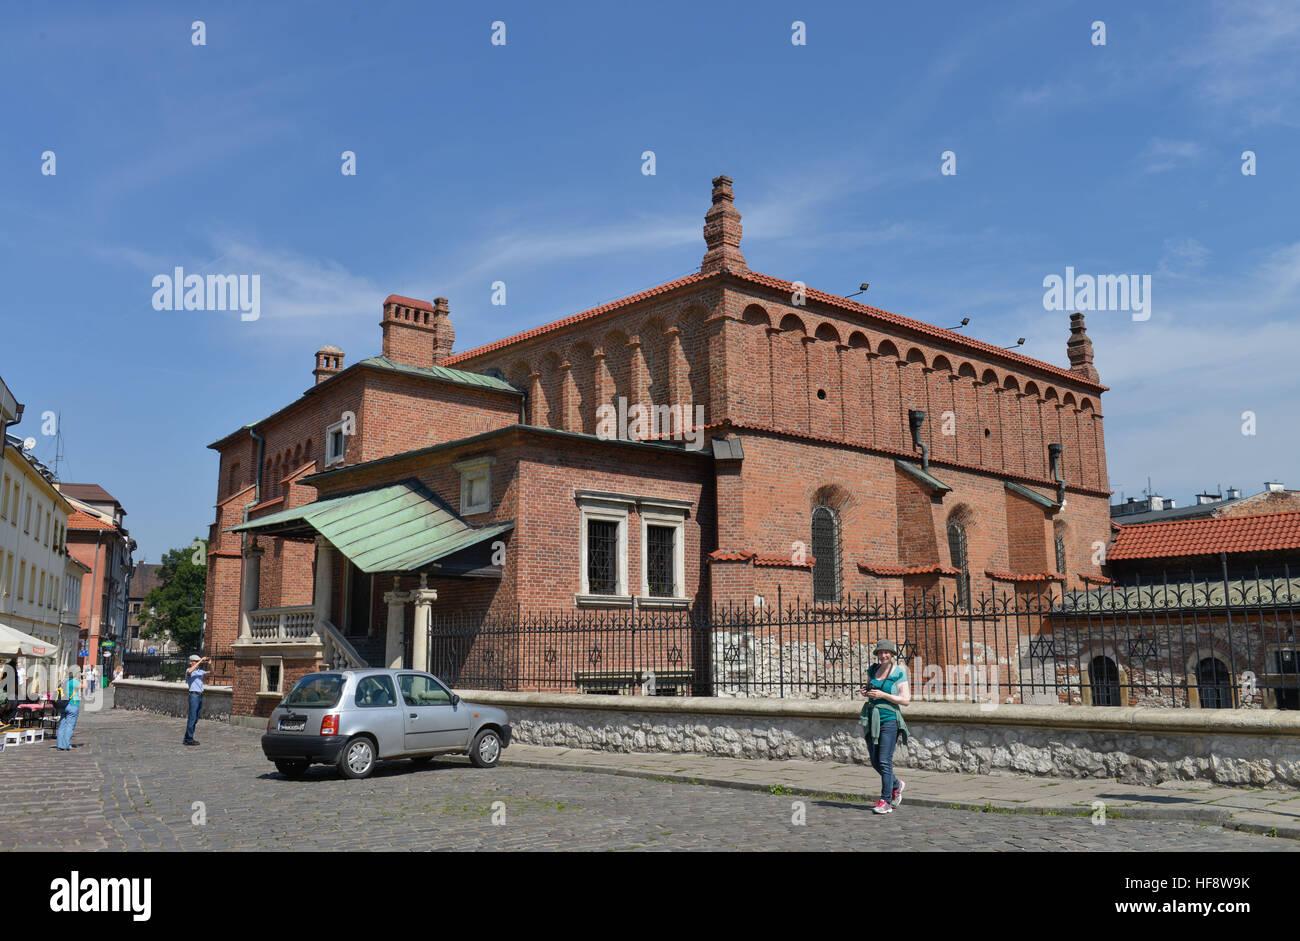 Alte Synagoge, Szeroka, Krakau, Polen, Old synagogue, Cracow, Poland - Stock Image